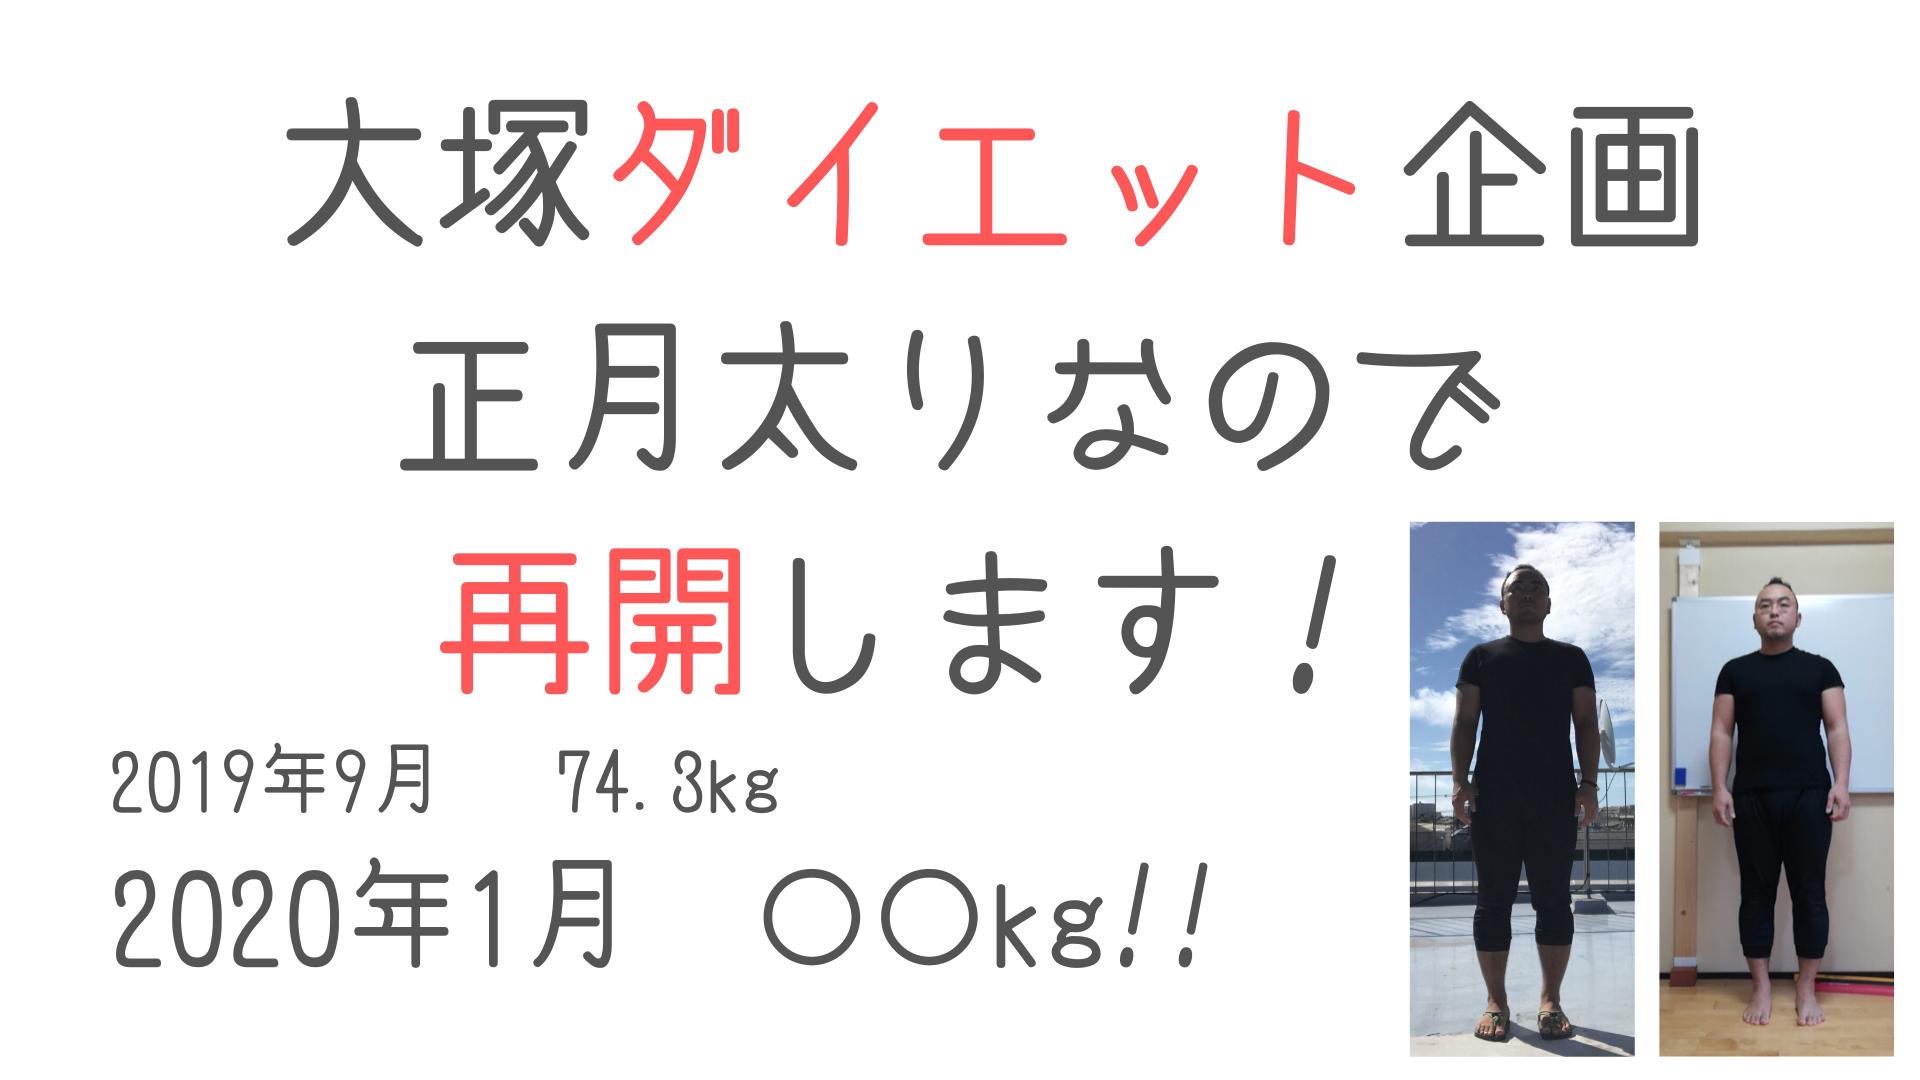 大塚ダイエット企画 〜正月太りからの再挑戦〜